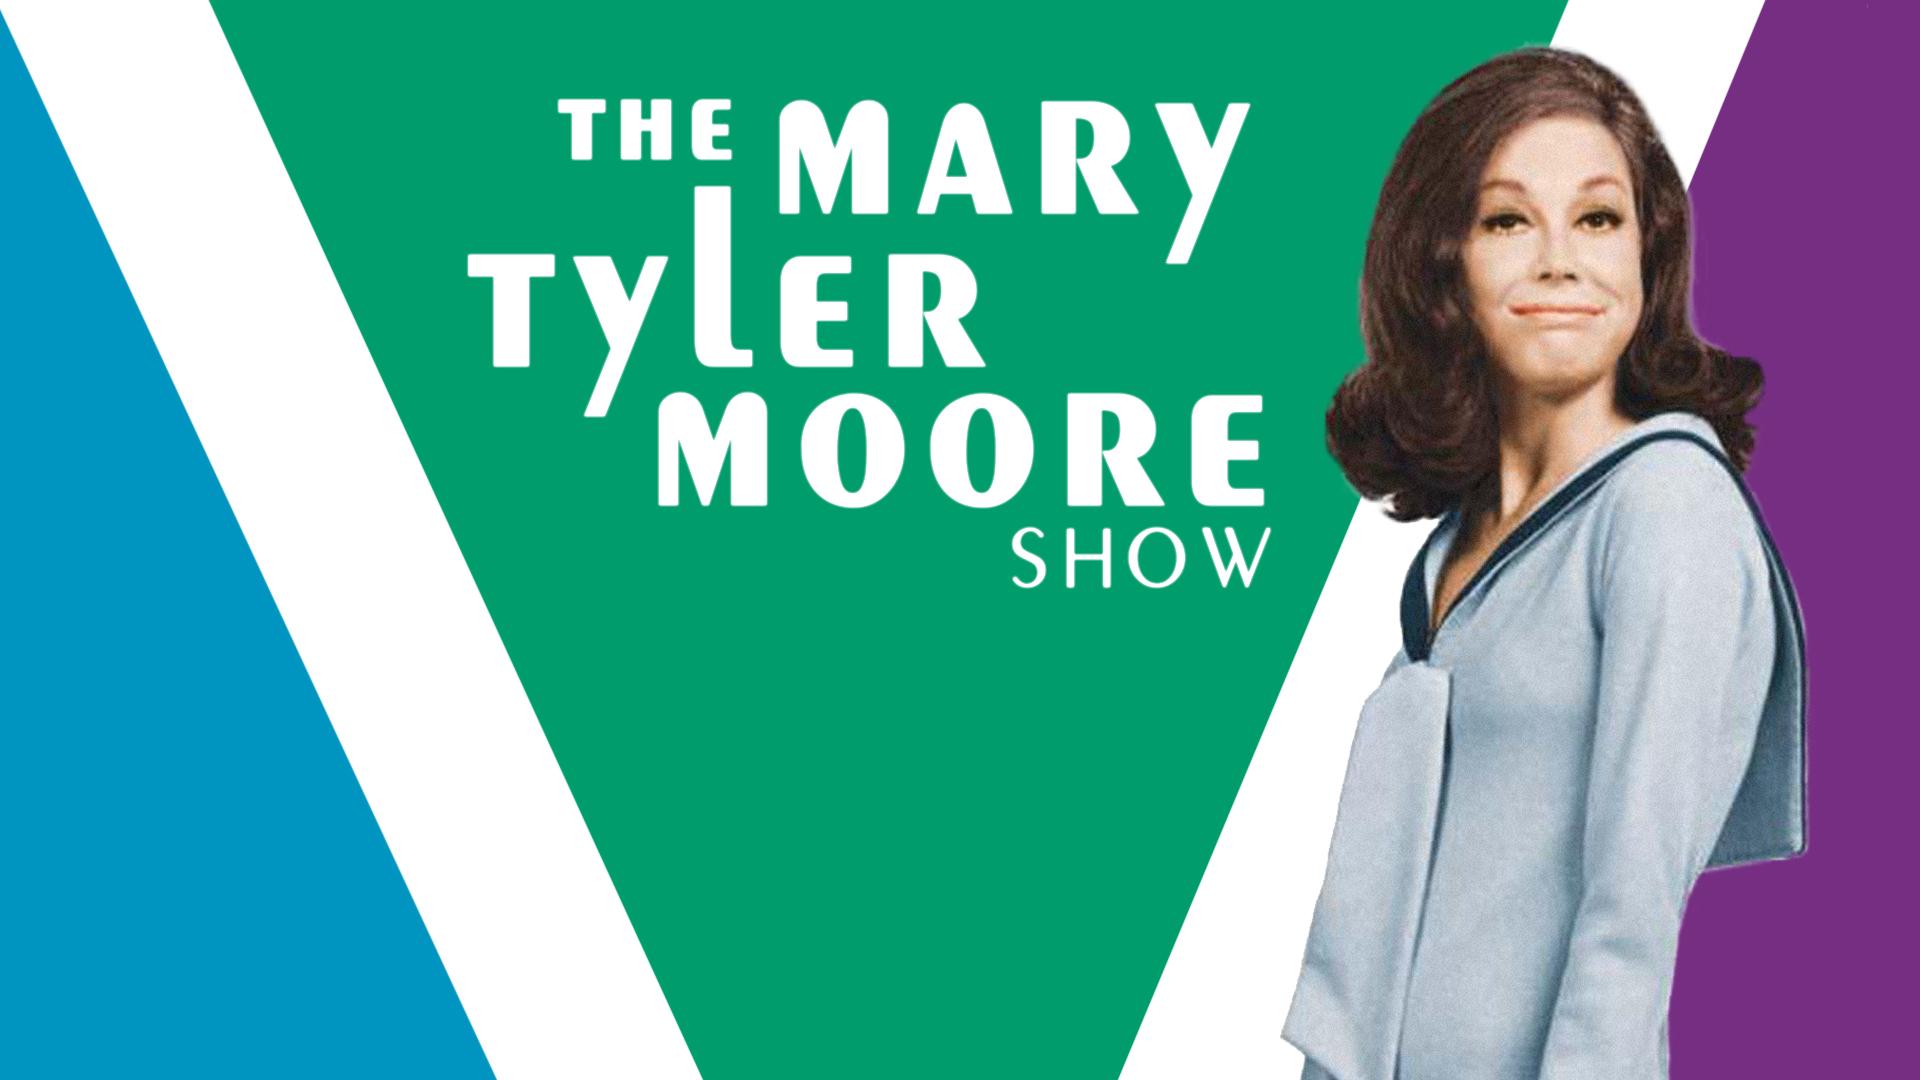 The Mary Tyler Moore Show Season 1